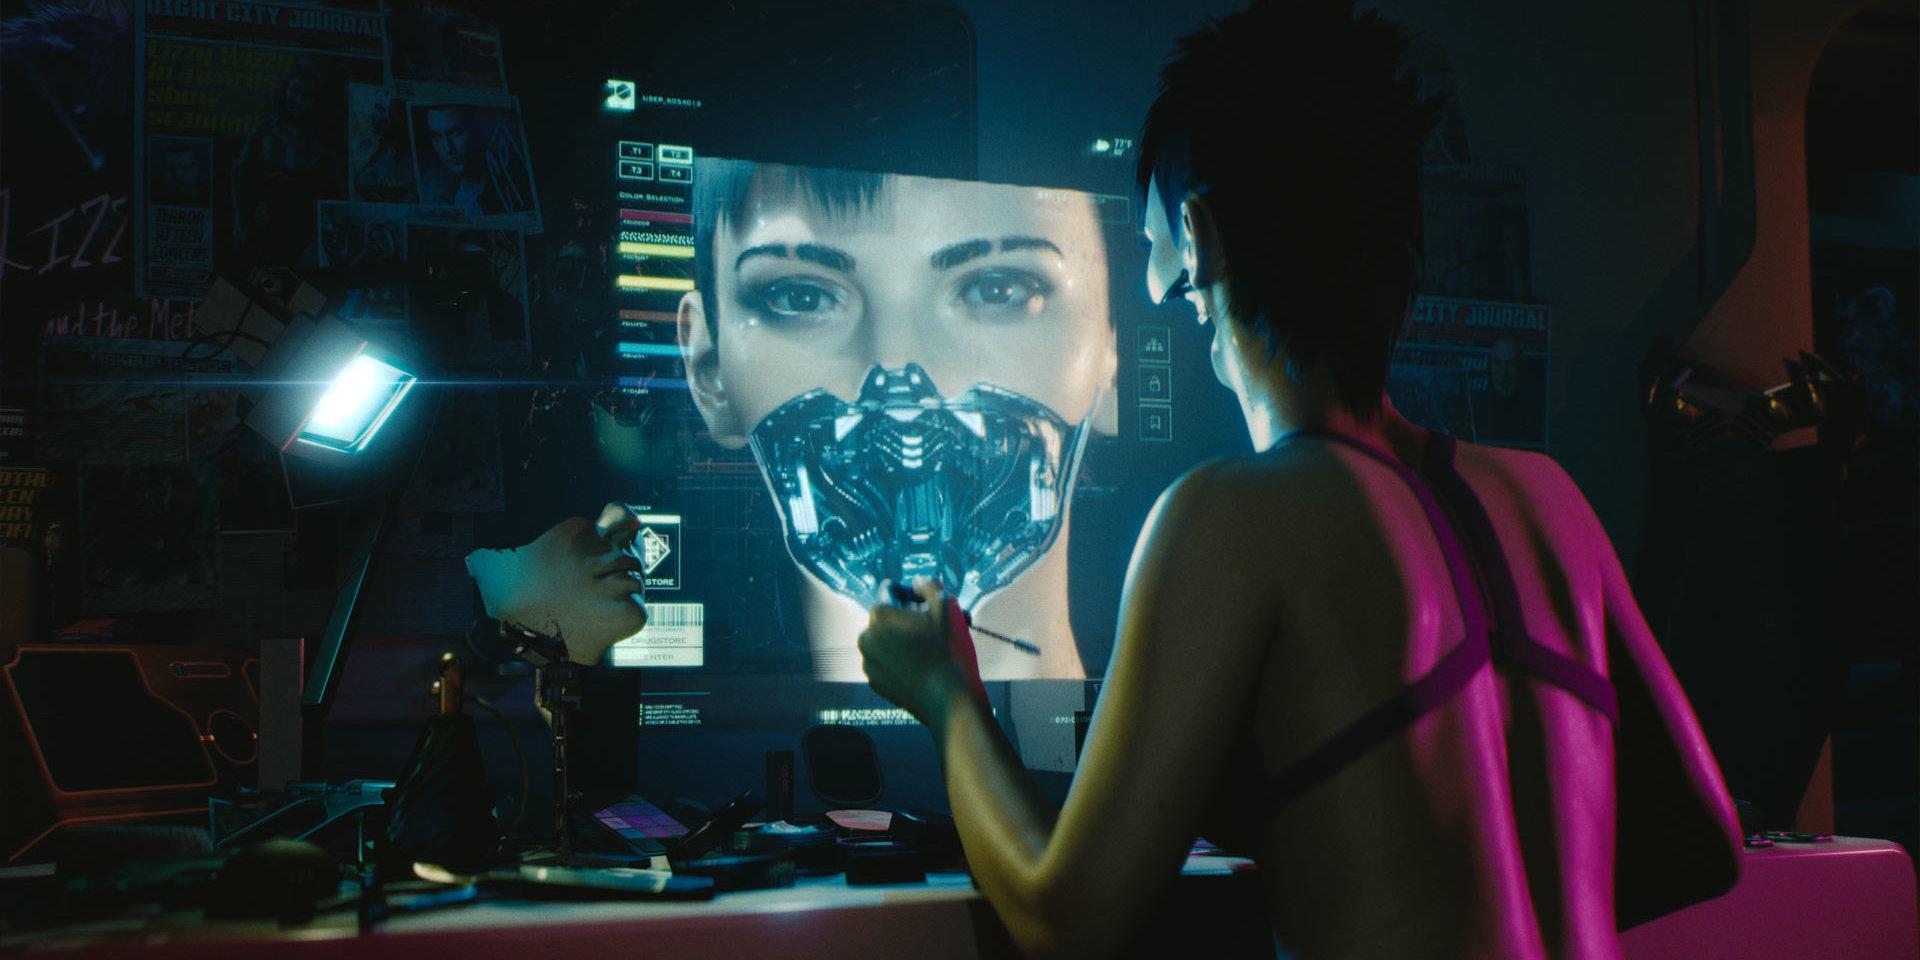 В Cyberpunk 2077 можно будет создать персонажа-трансгендера